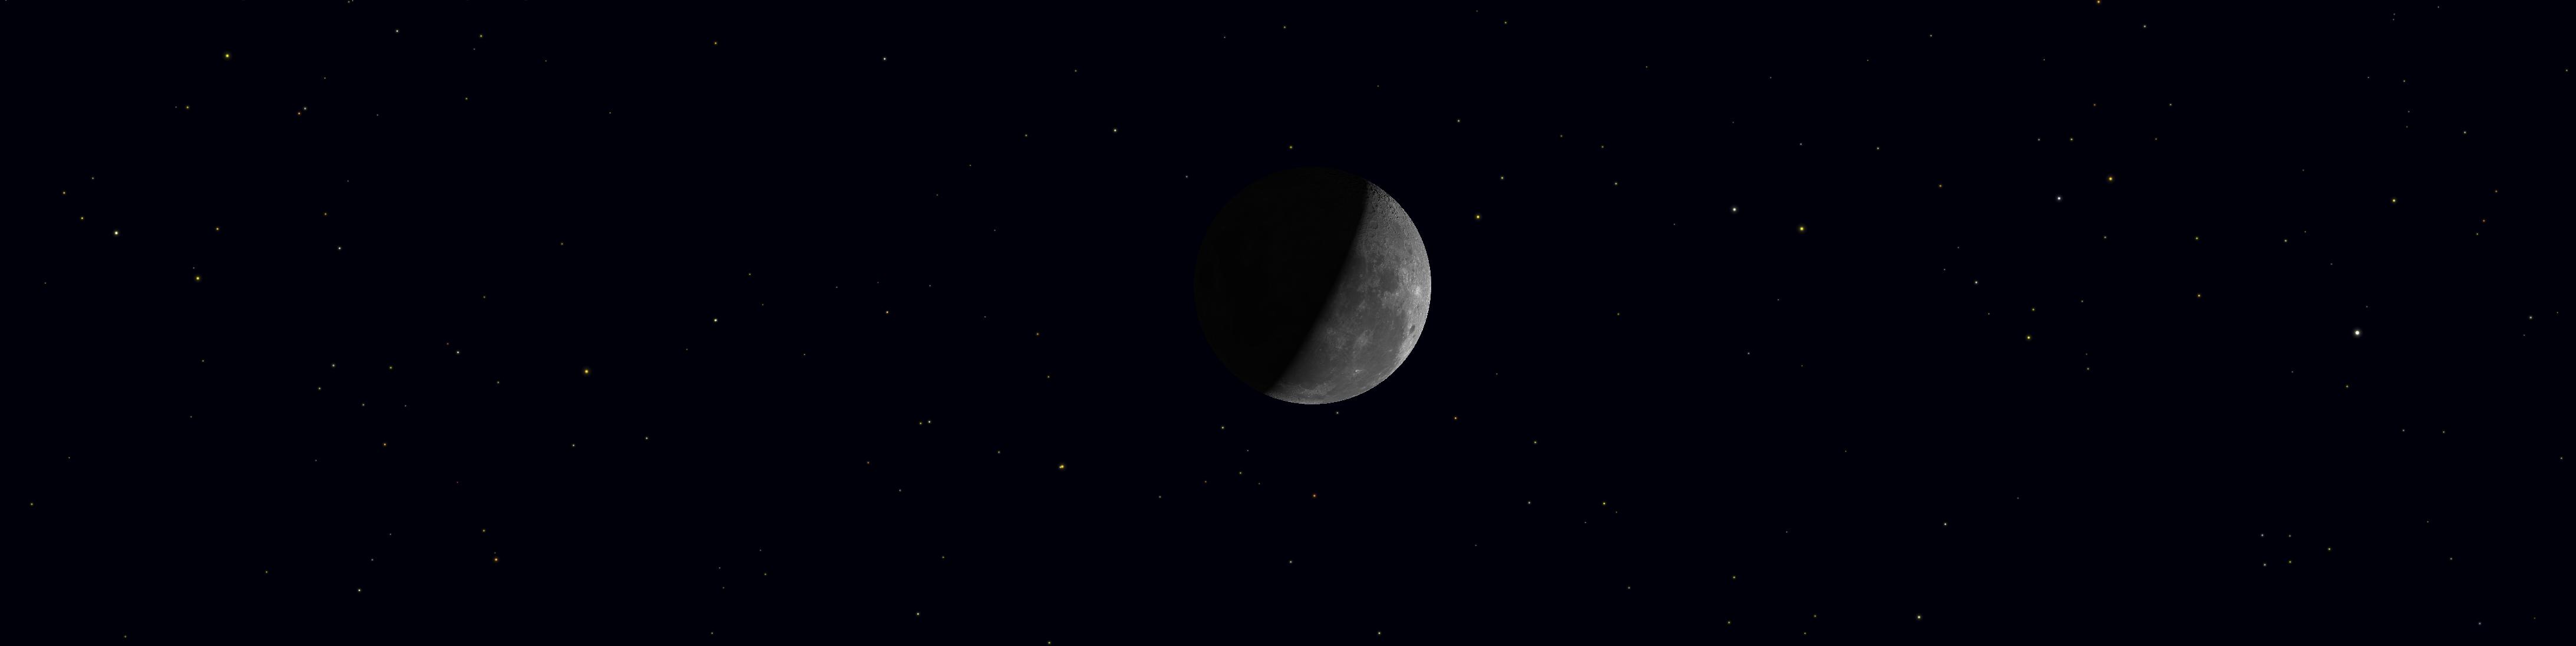 Luna en Cuarto Menguante - Fases Lunares - Astronomia ...